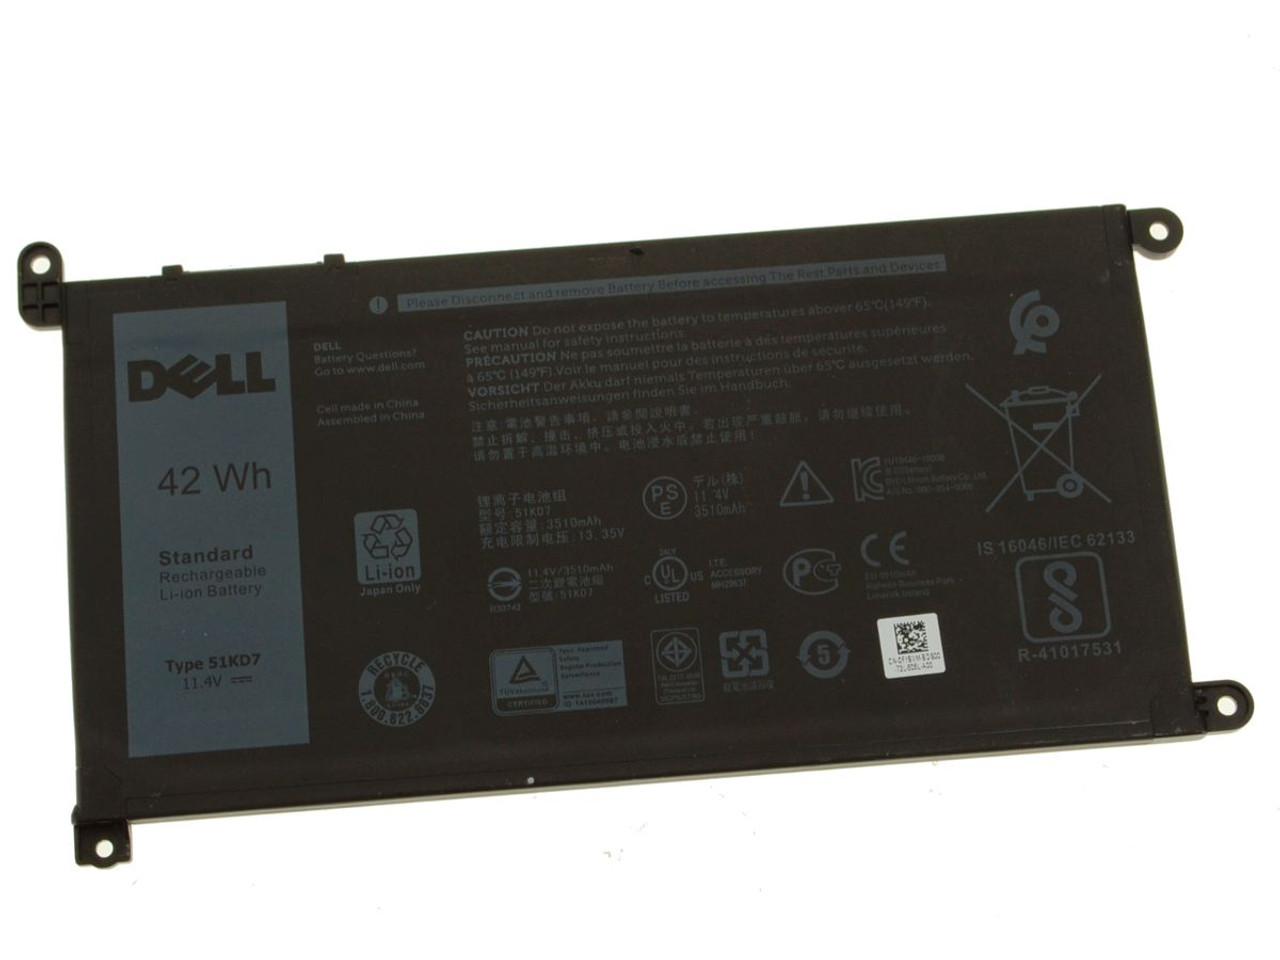 New Genuine Dell 42Wh 11.4V Battery 51KD7